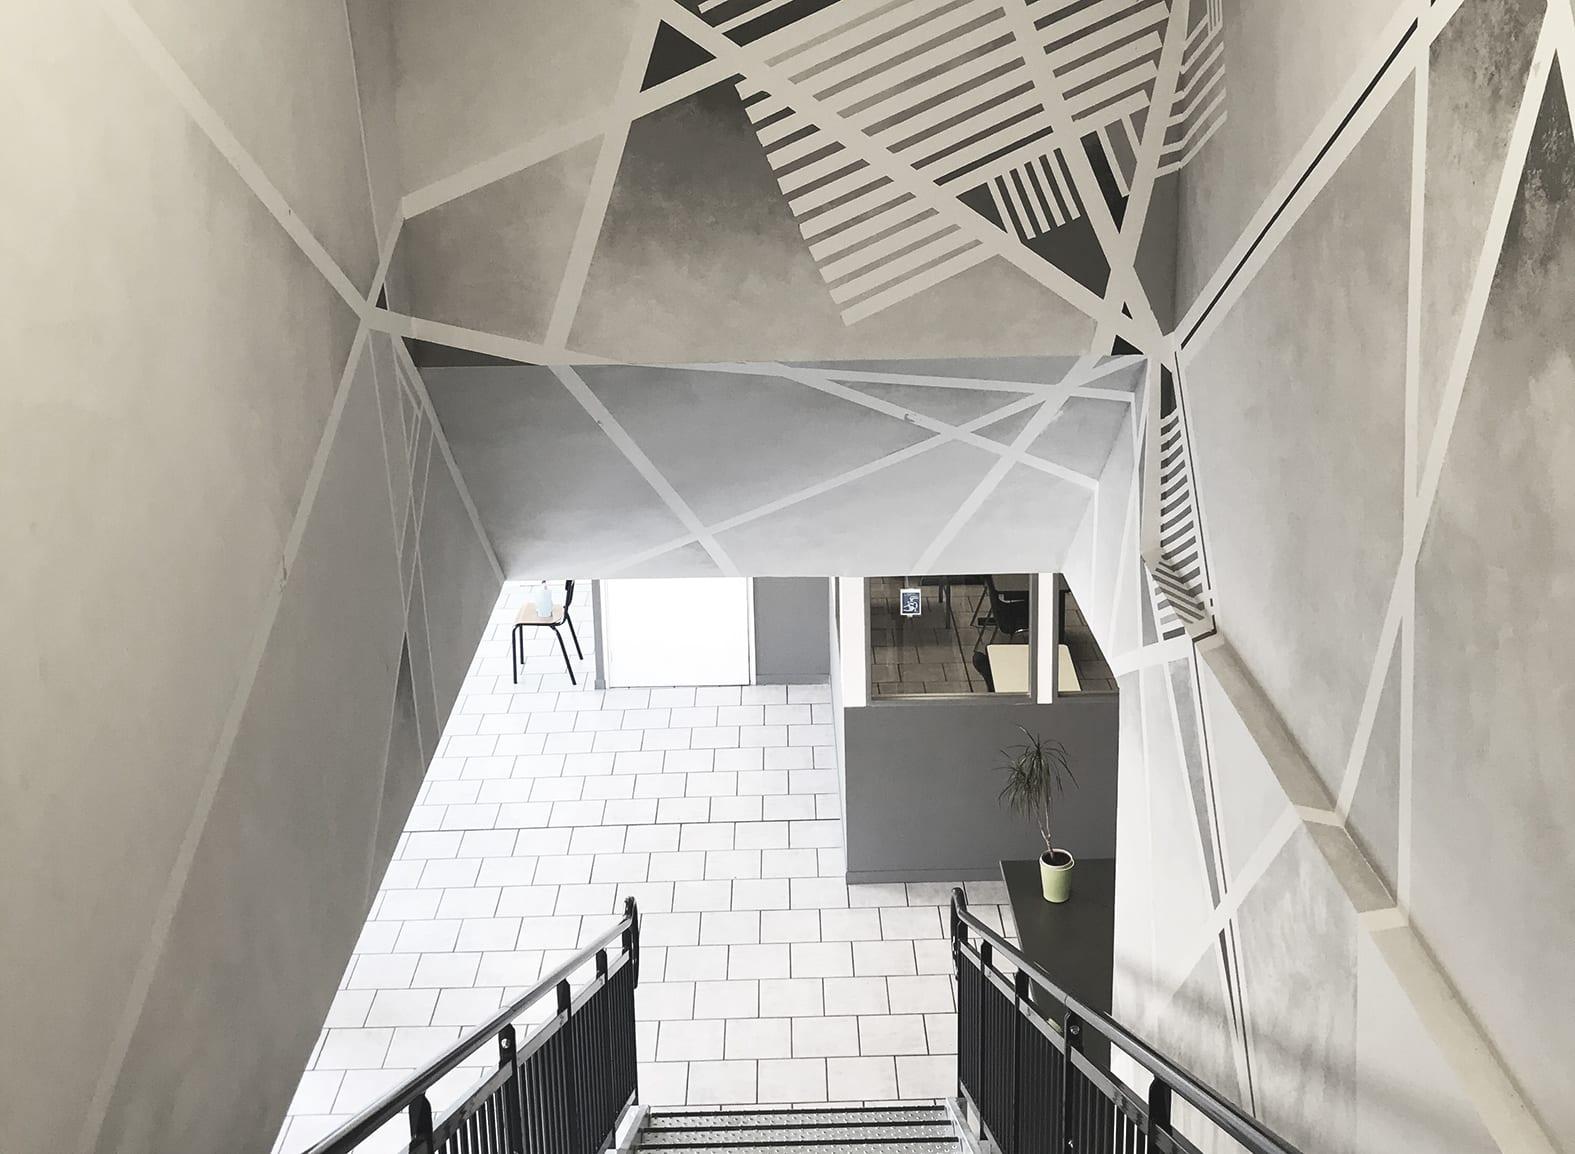 Journée Portes Ouvertes Narbonne Janvier 2021